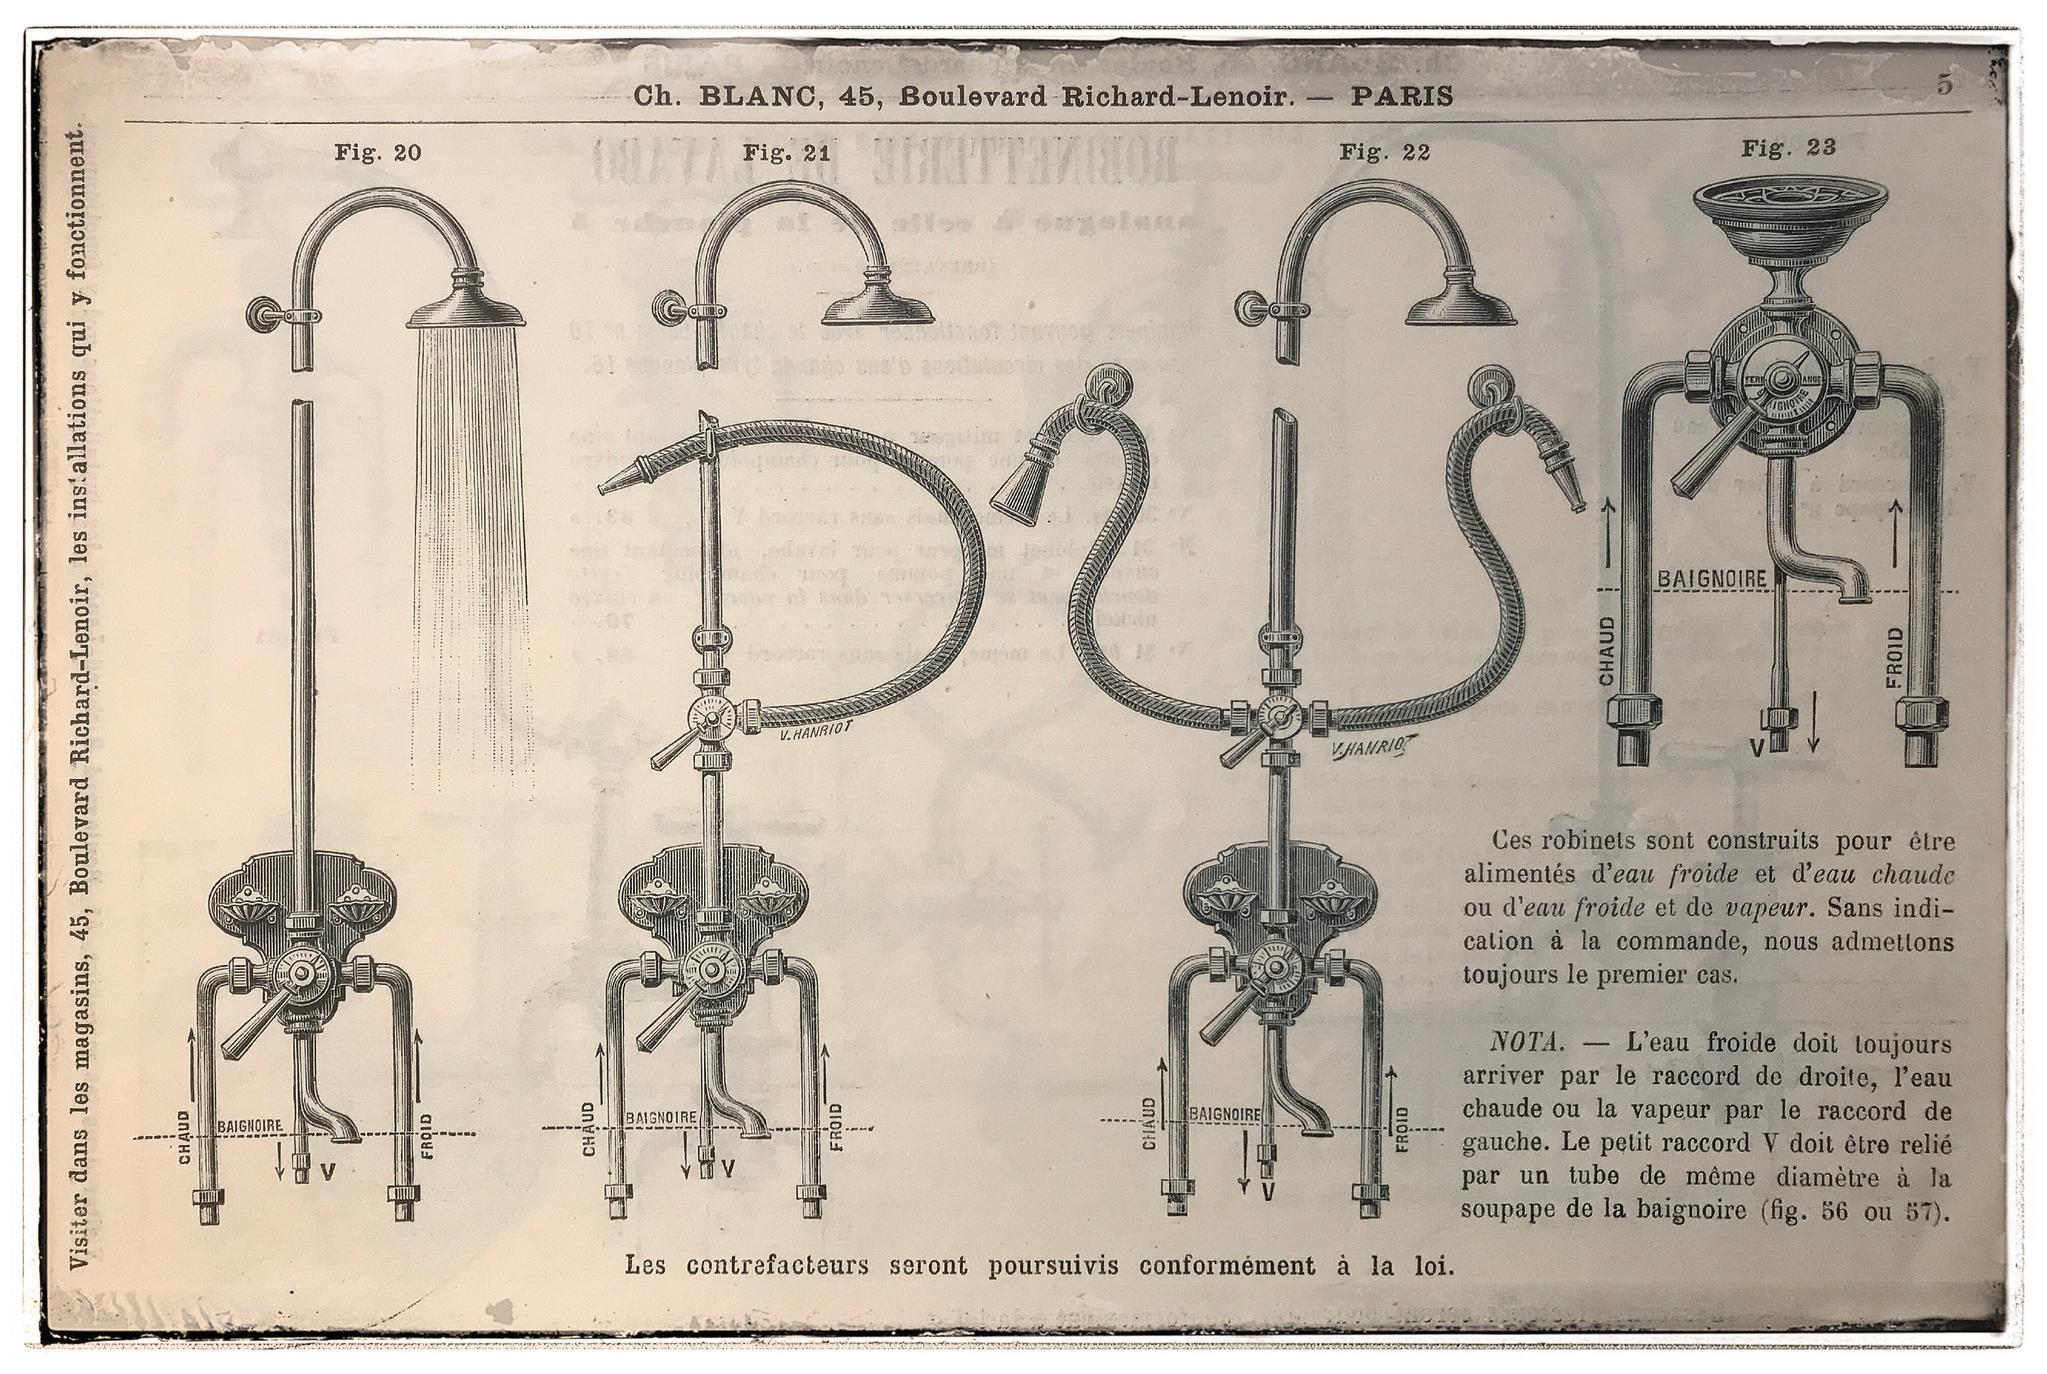 Douchekranen omstreeks 1900 met zeepbakjes